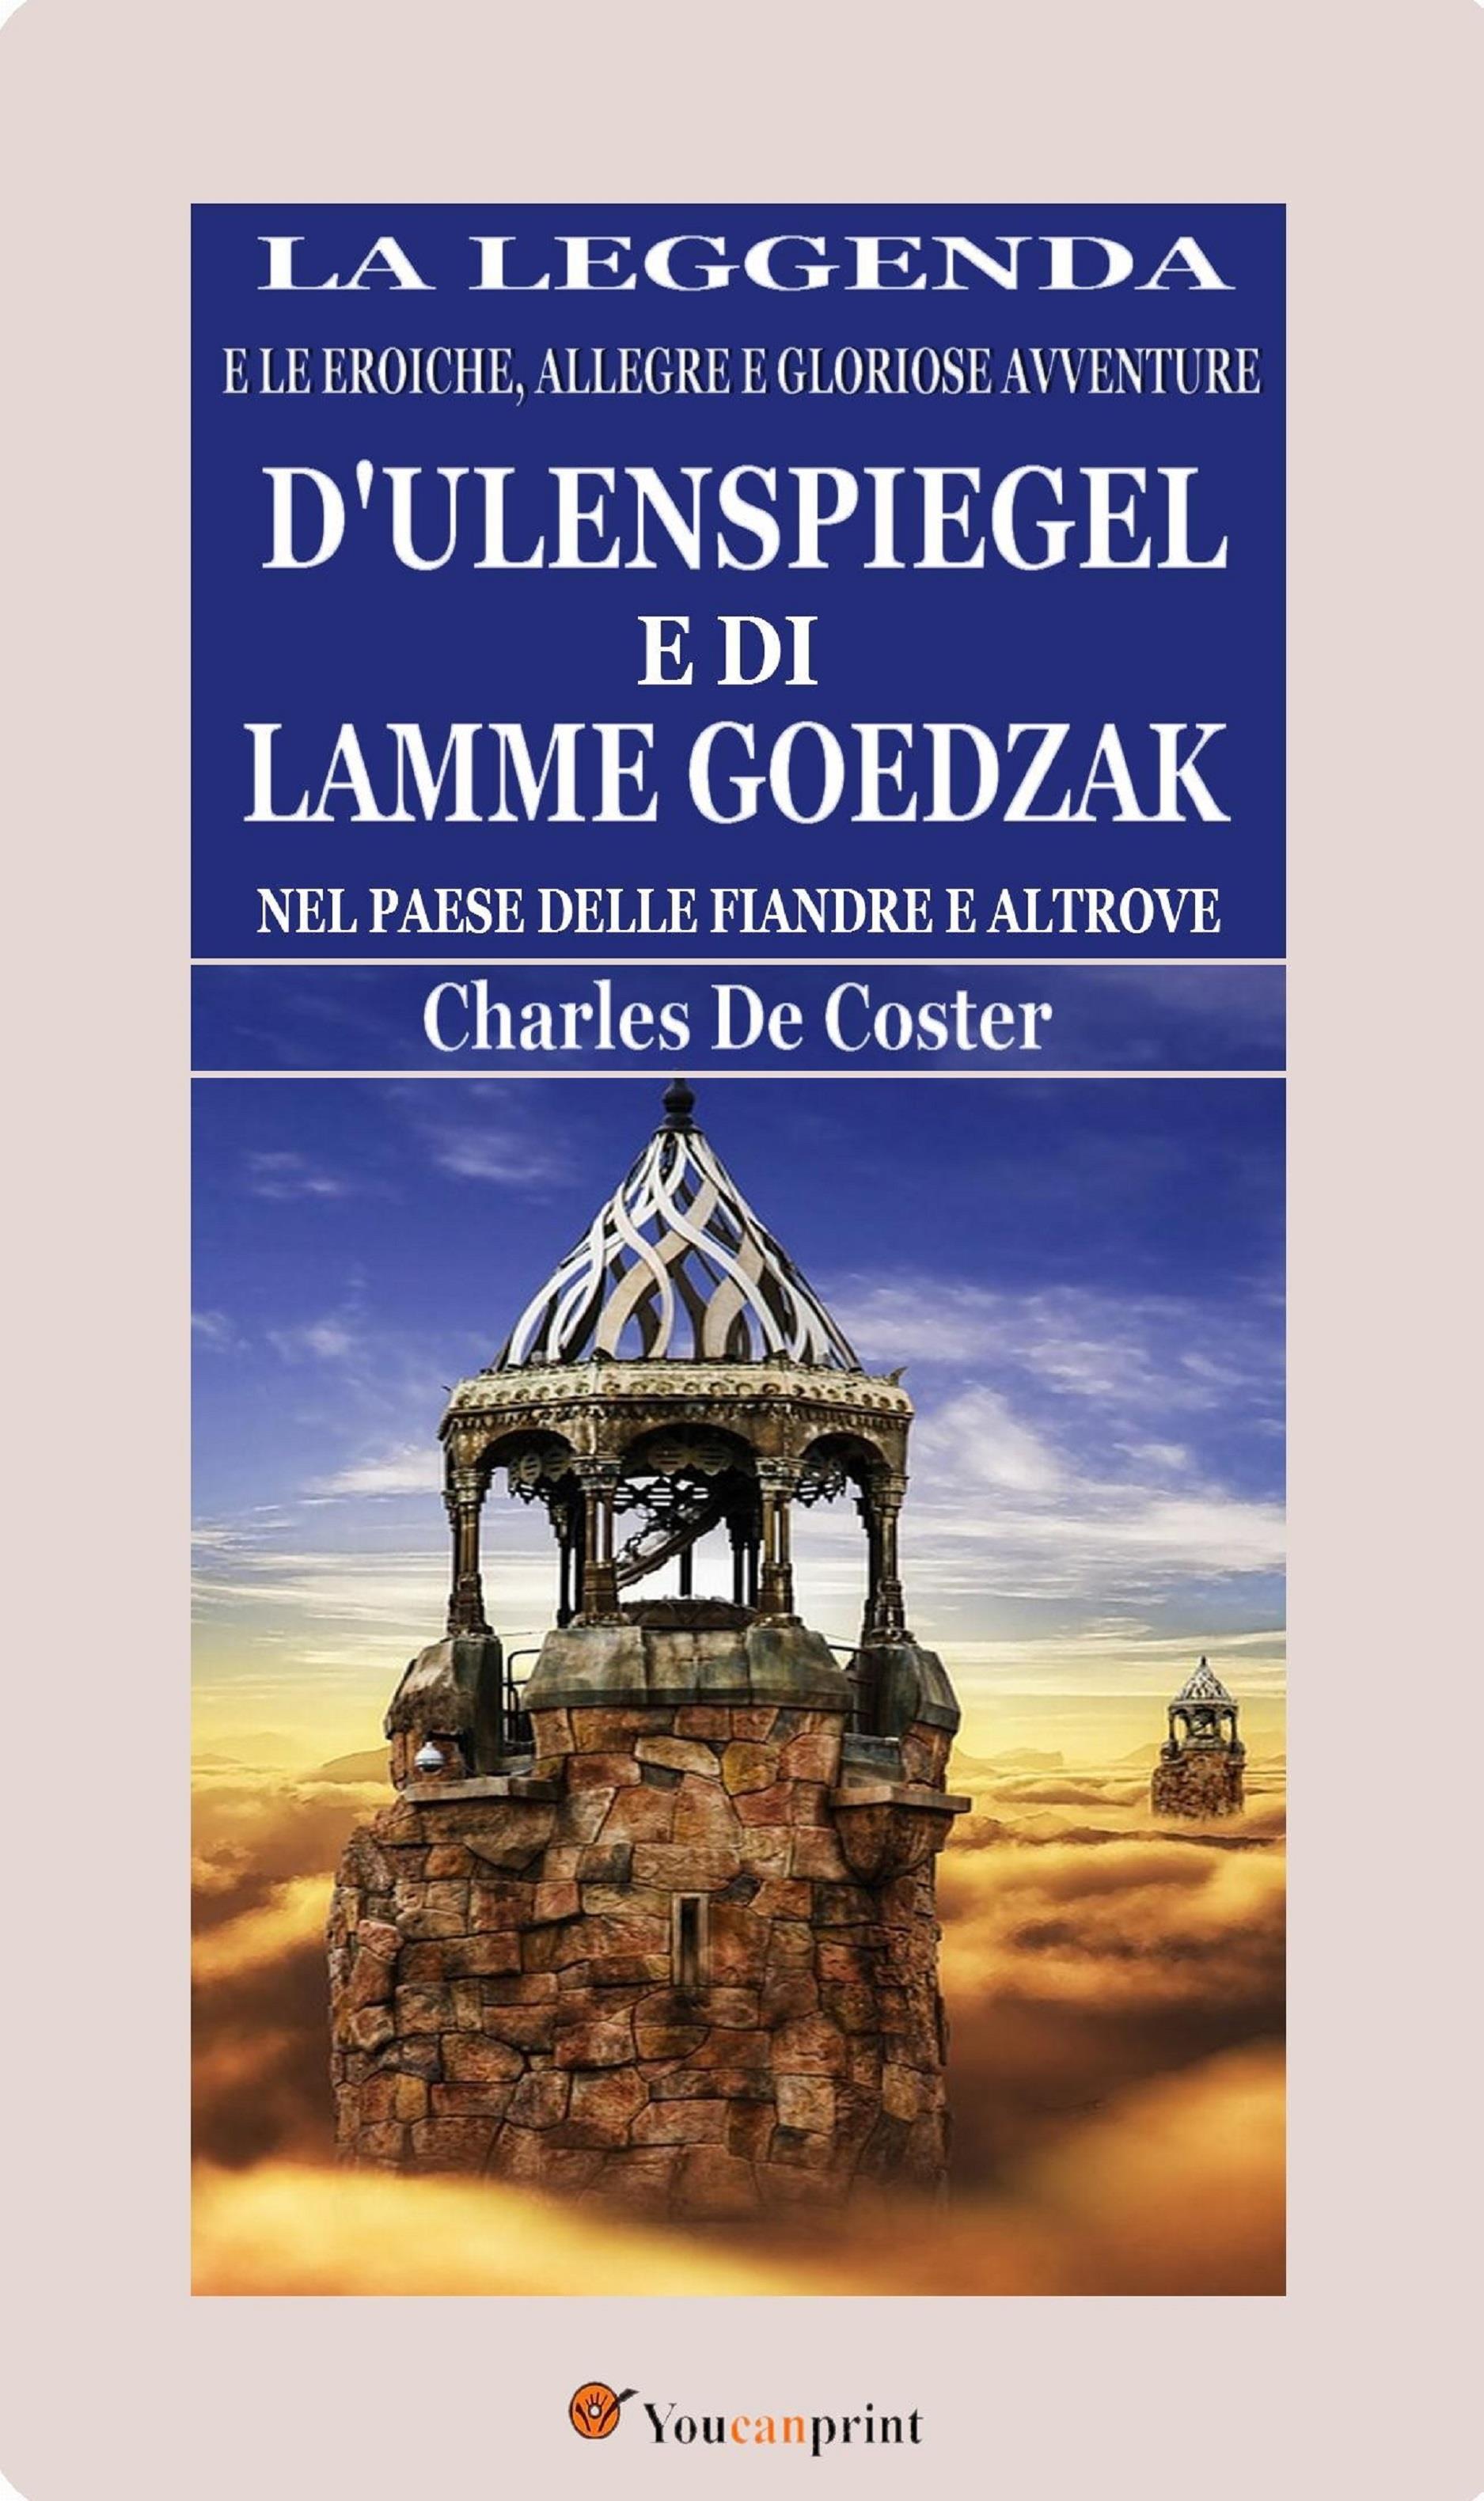 La leggenda e le eroiche, allegre e gloriose avventure d'Ulenspiegel e di Lamme Goedzak nel paese delle Fiandre e altrove (illustrato)